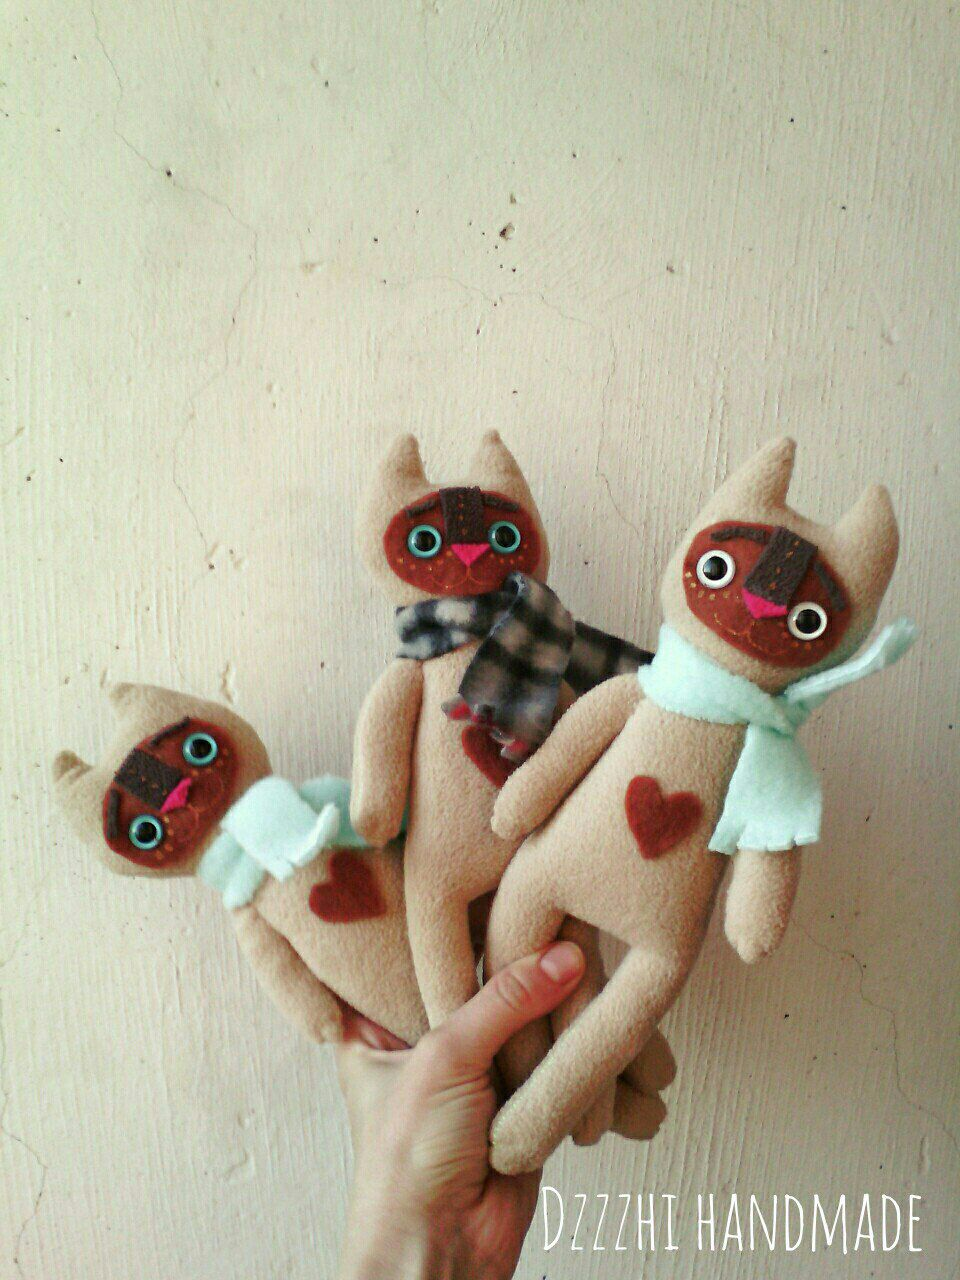 чудик флис фавн котенок подарок монстр милый игрушка кот сиамский